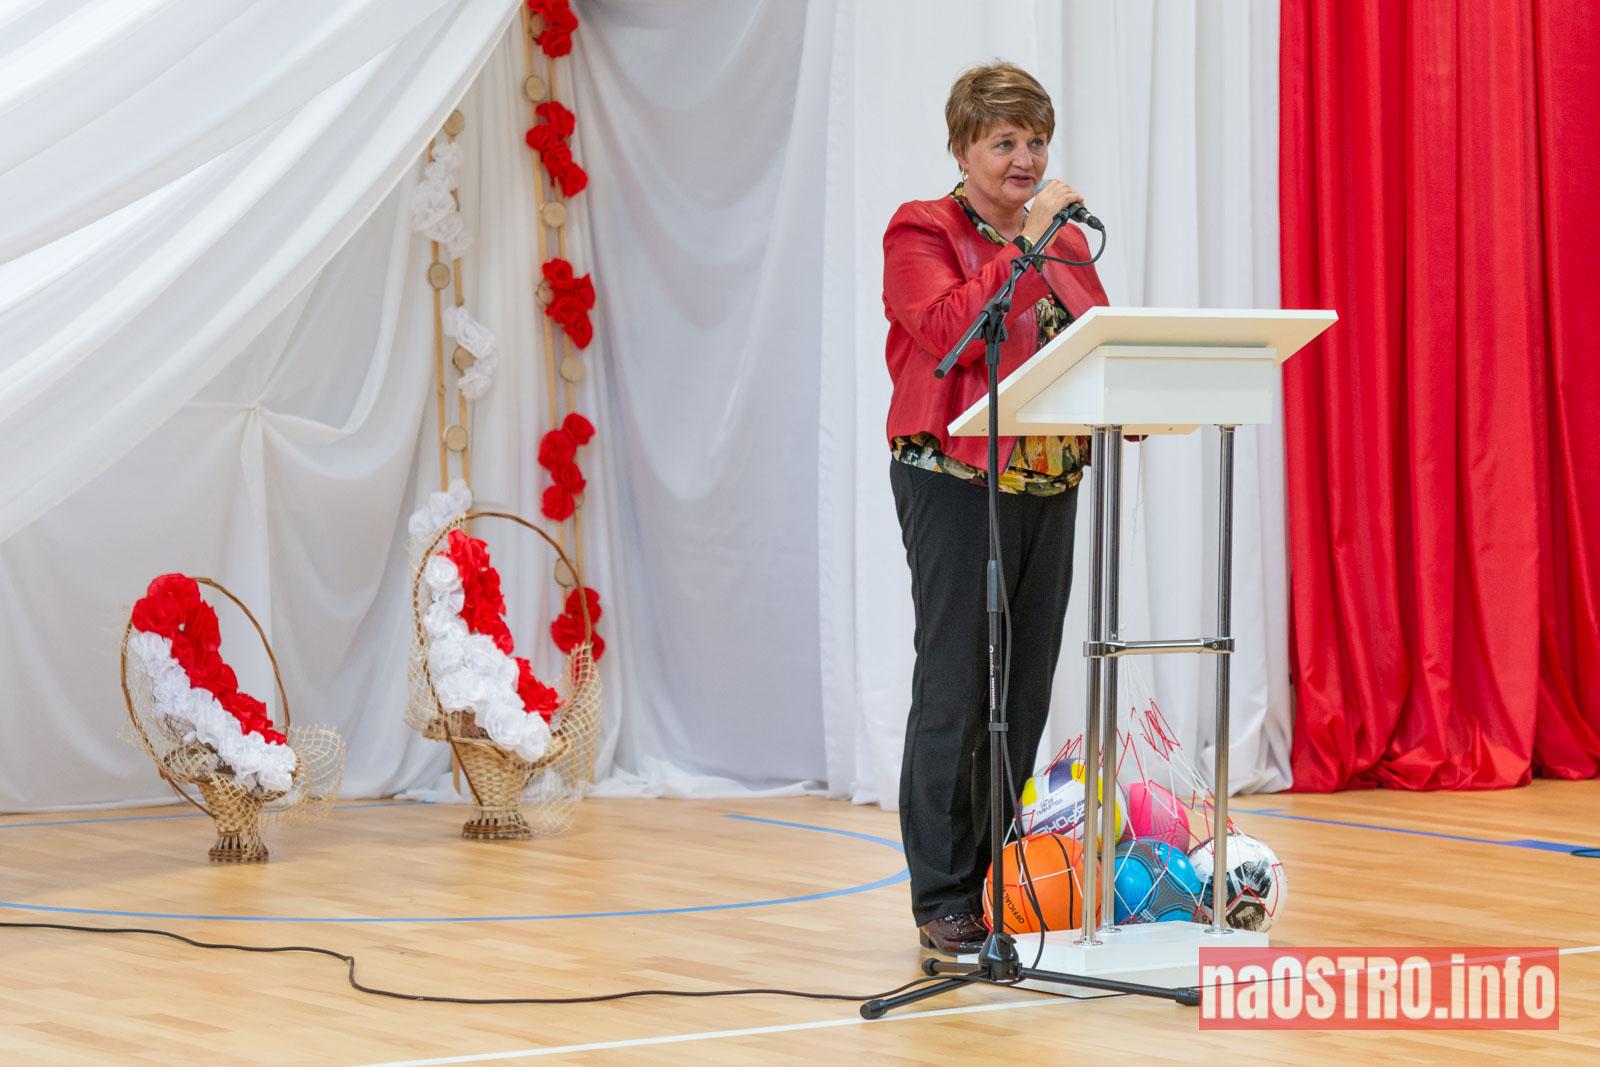 NaOSTRO Otwarcie Szkoły w Bałtowie-172